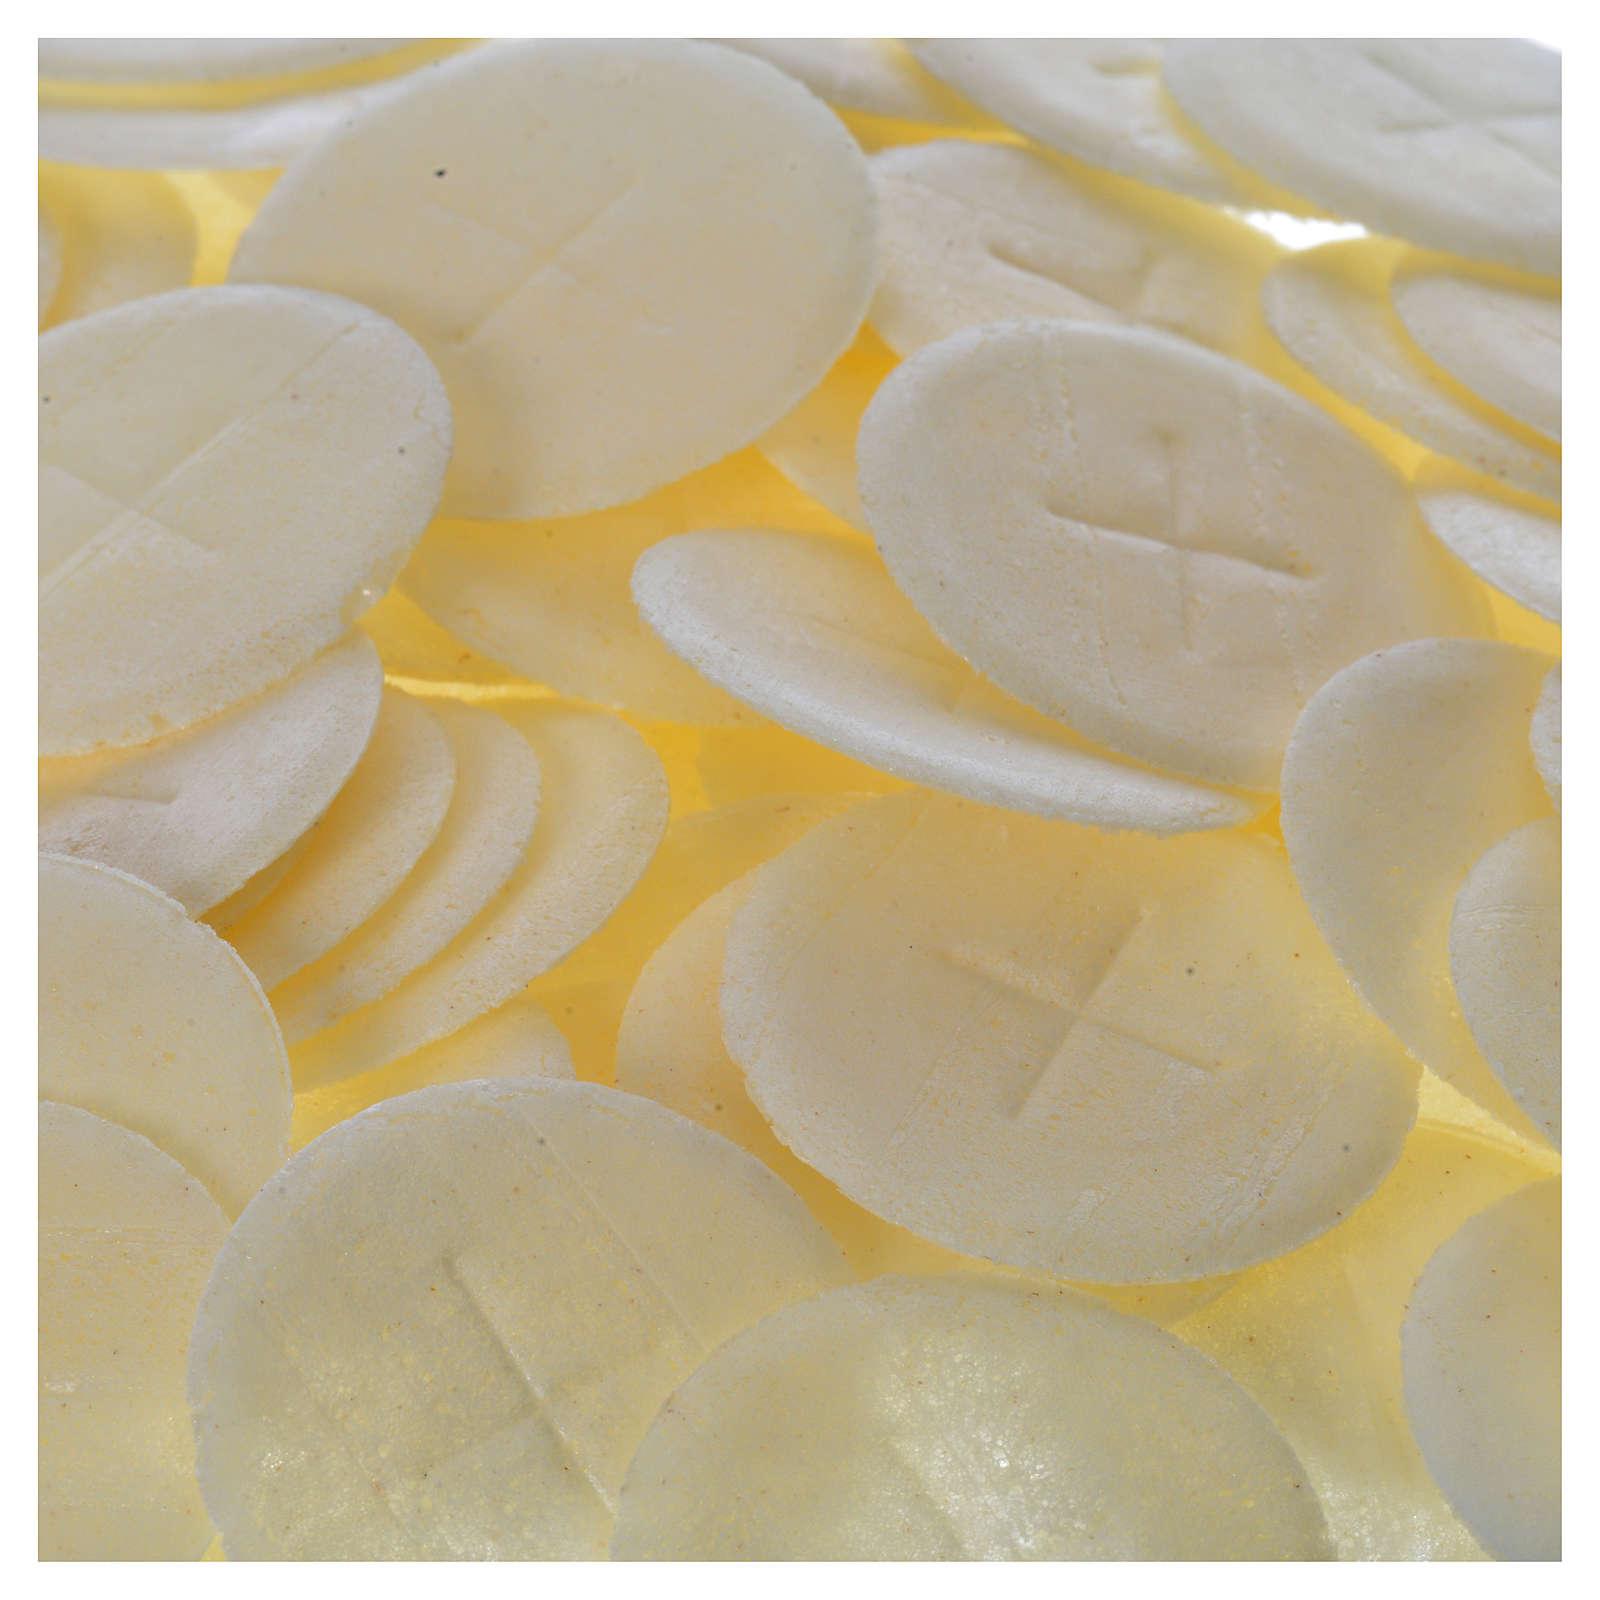 Miniparticole 500 pz taglio chiuso diam 2,8 cm 3